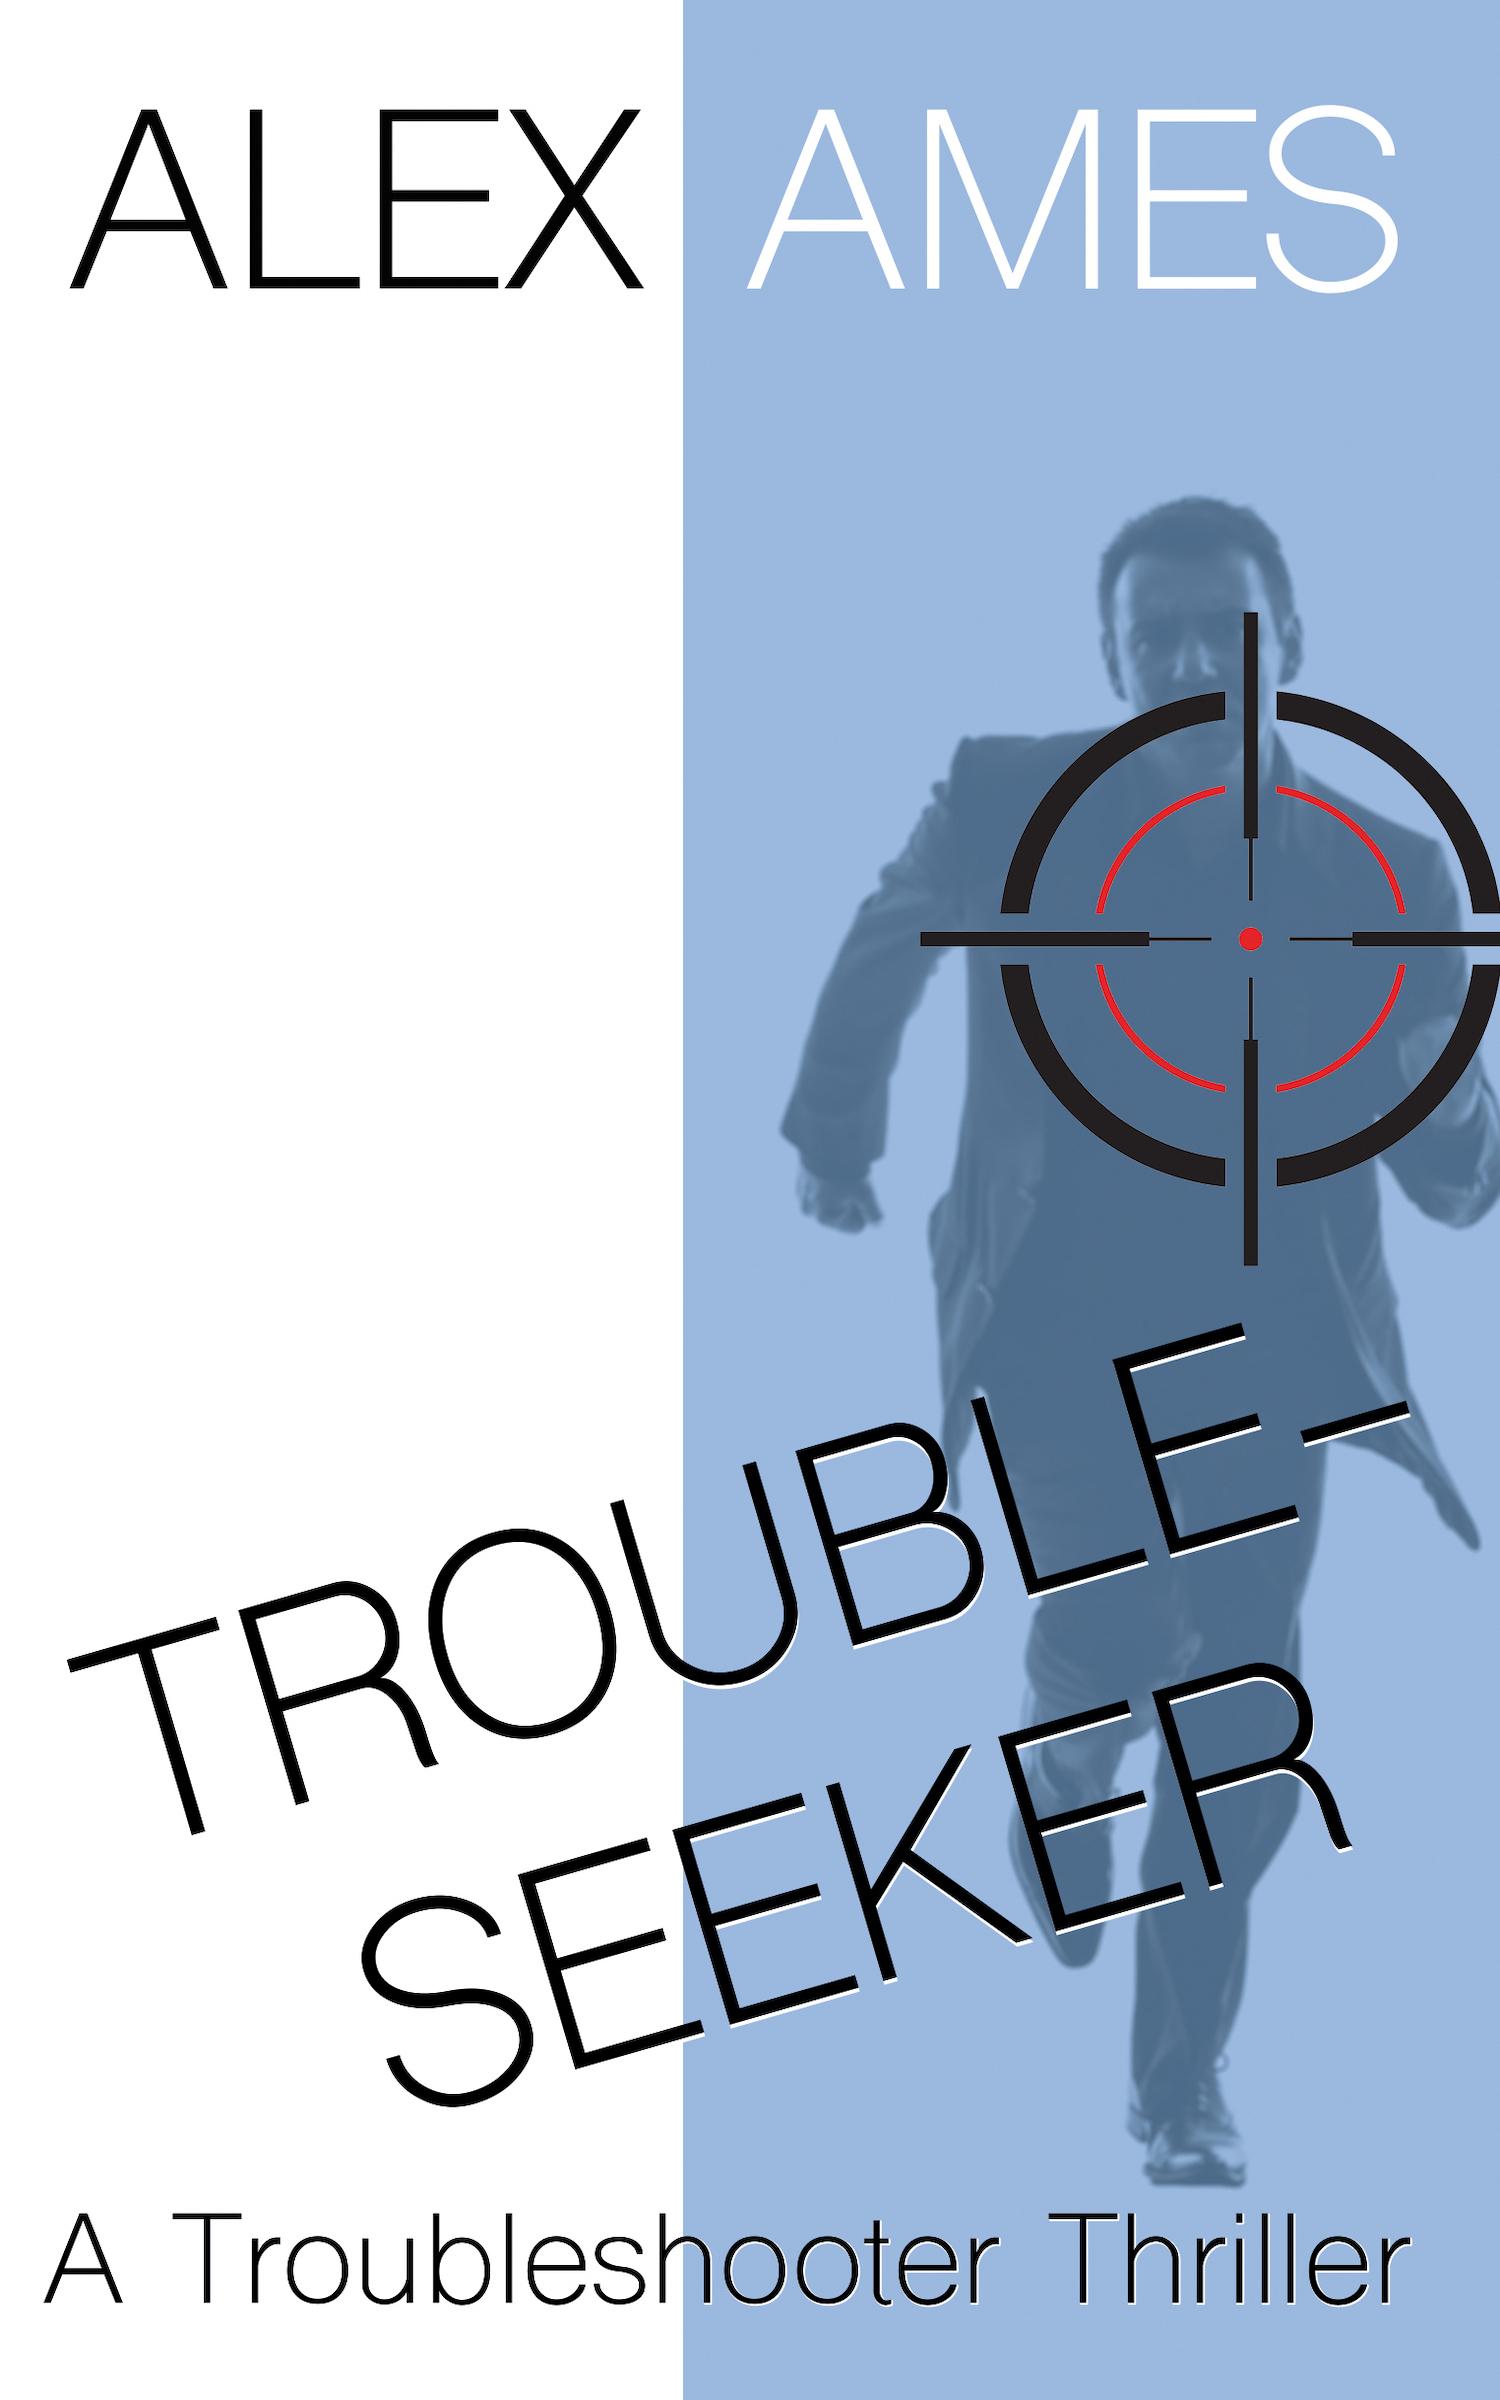 Troubleseeker